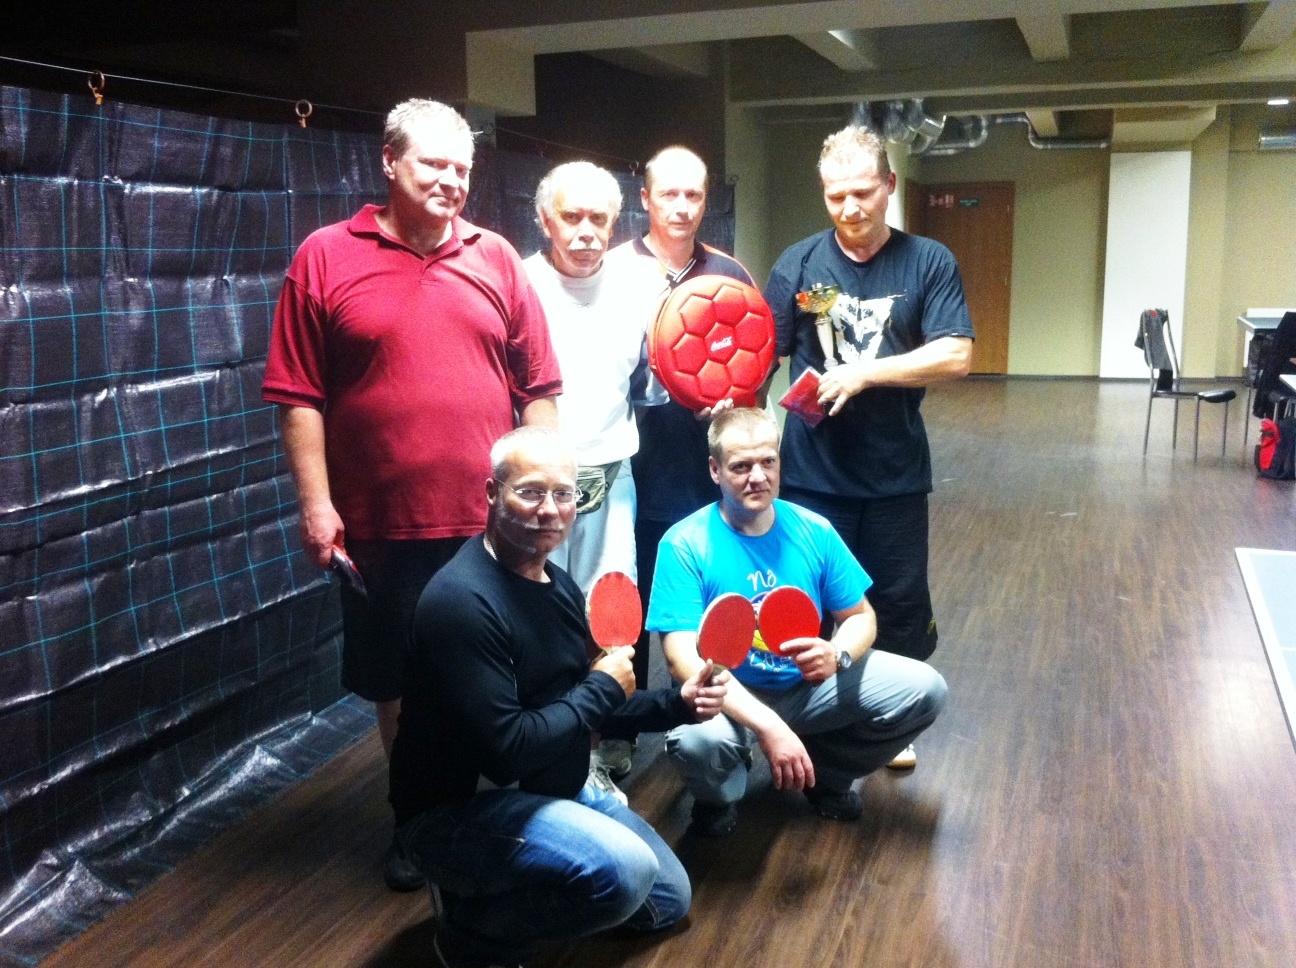 Vítězové 5.6.nahoře zleva:Courton, Řáha, Tschunko Josef a Zdeněk, dole Halamka a Mandlík